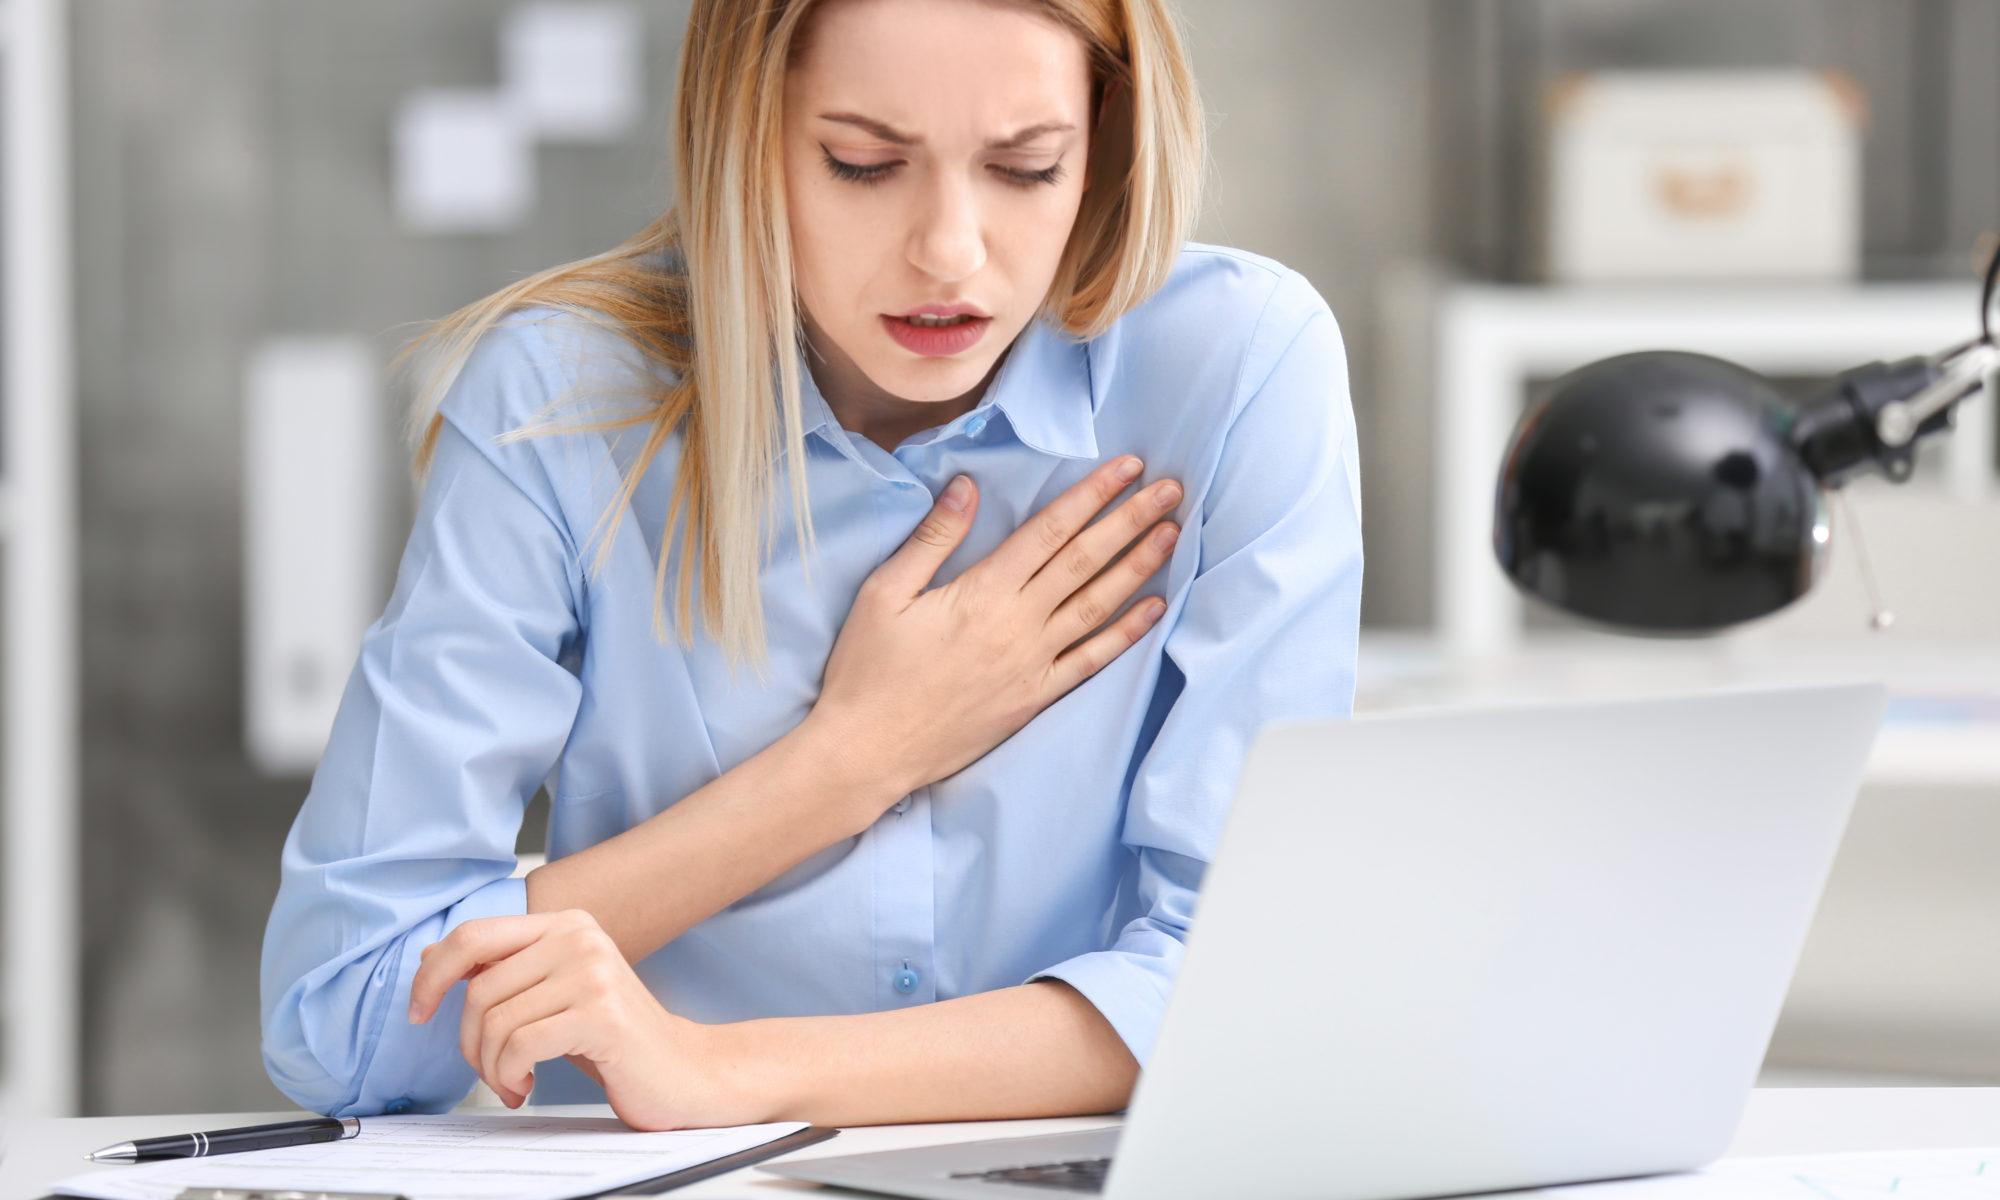 Młoda dziewczyna w biurze problemy z sercem